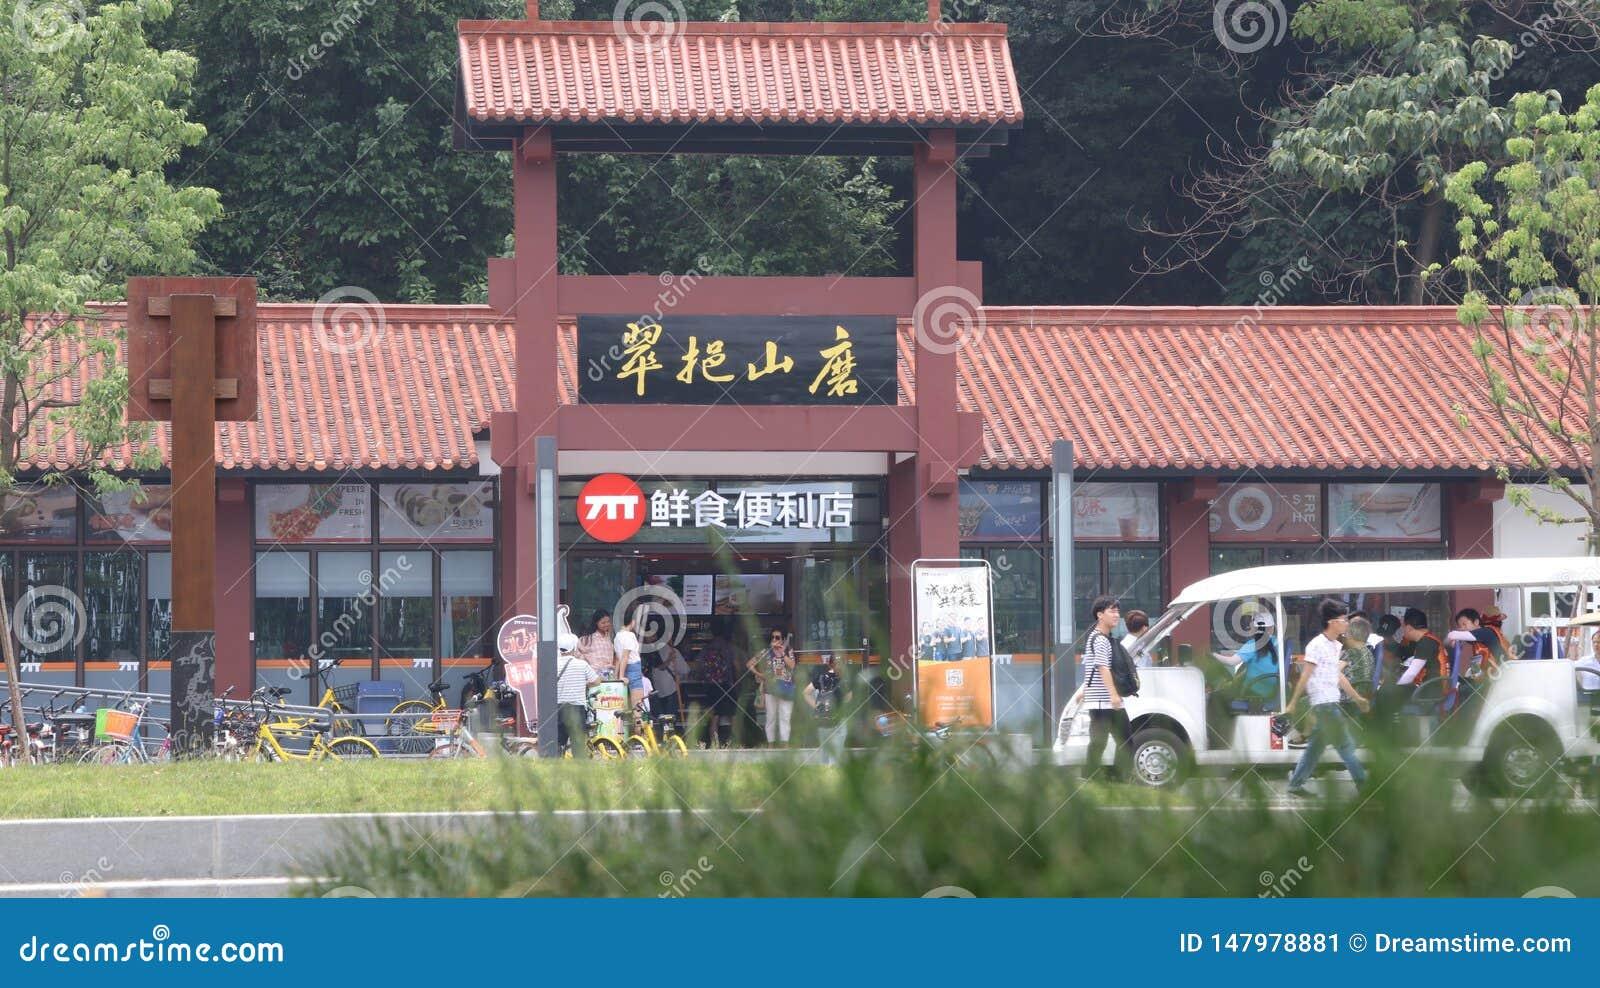 武汉东湖磨山风景区武汉东湖磨山风景区